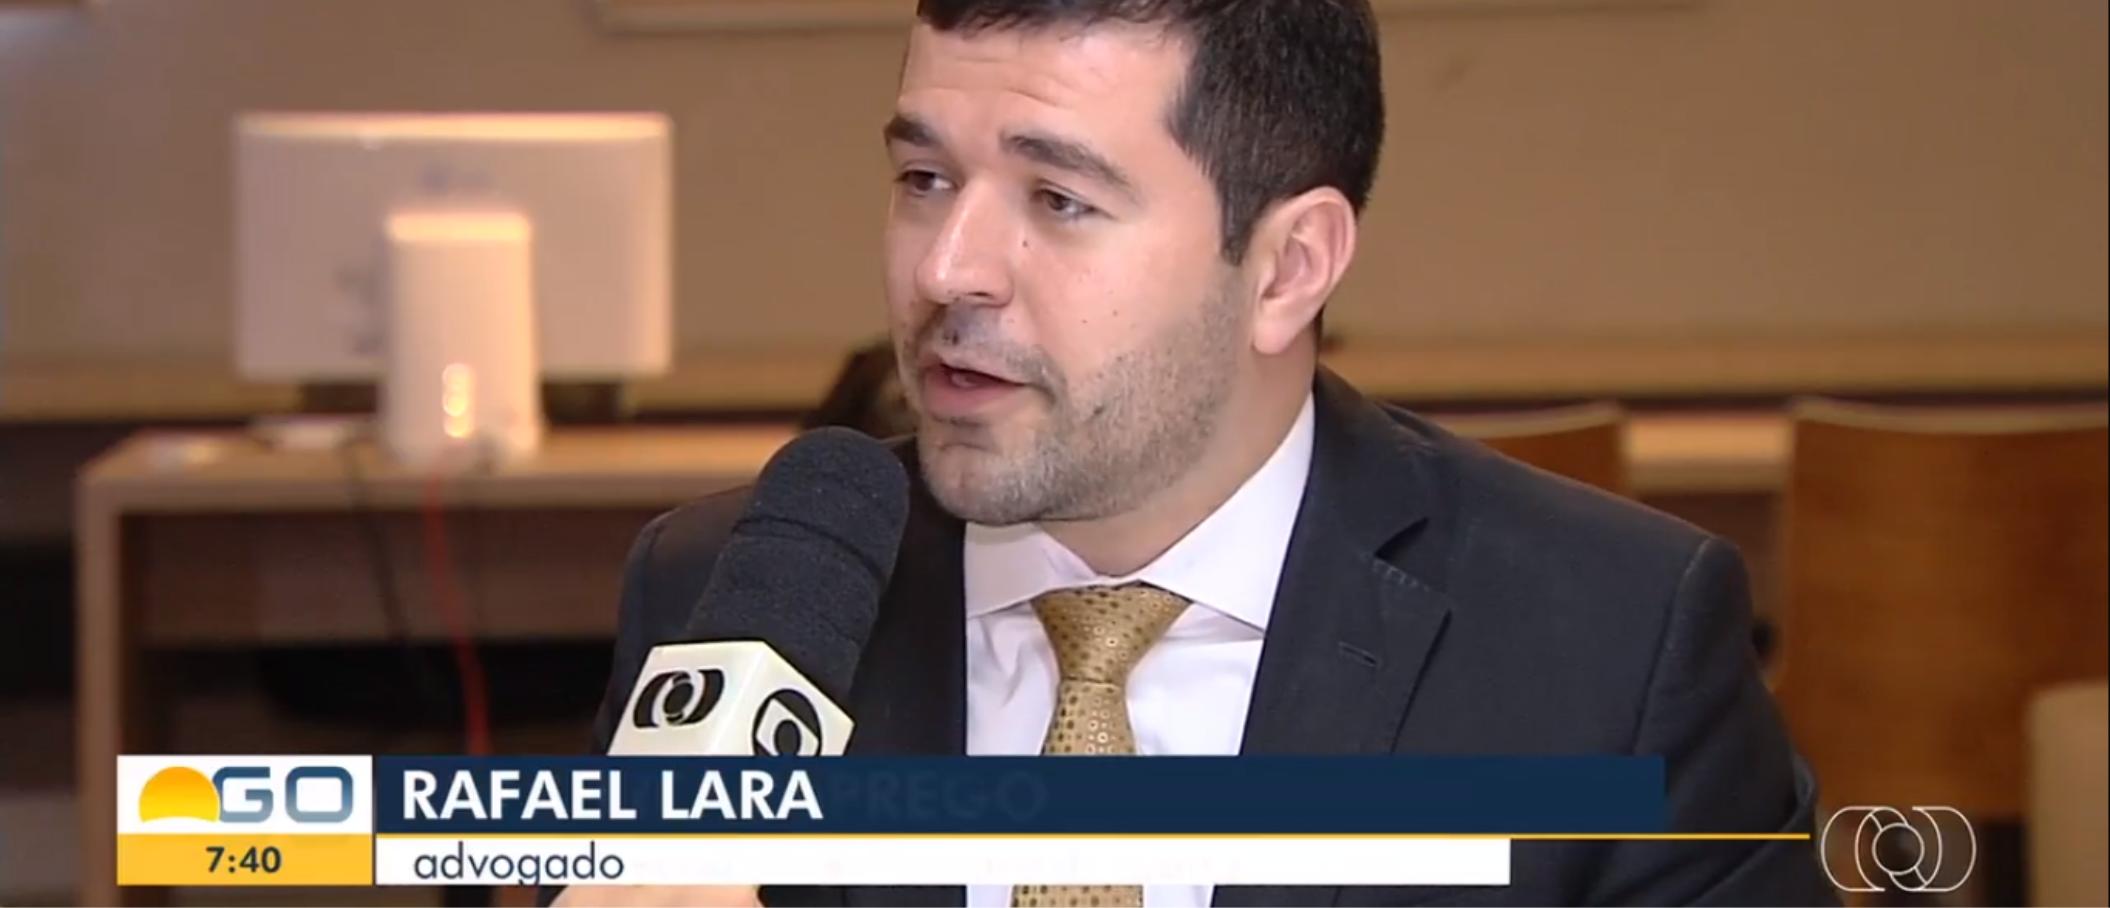 Entrevista Rafael Lara Martins. Tv Anhanguera – Bom Dia Goiás.